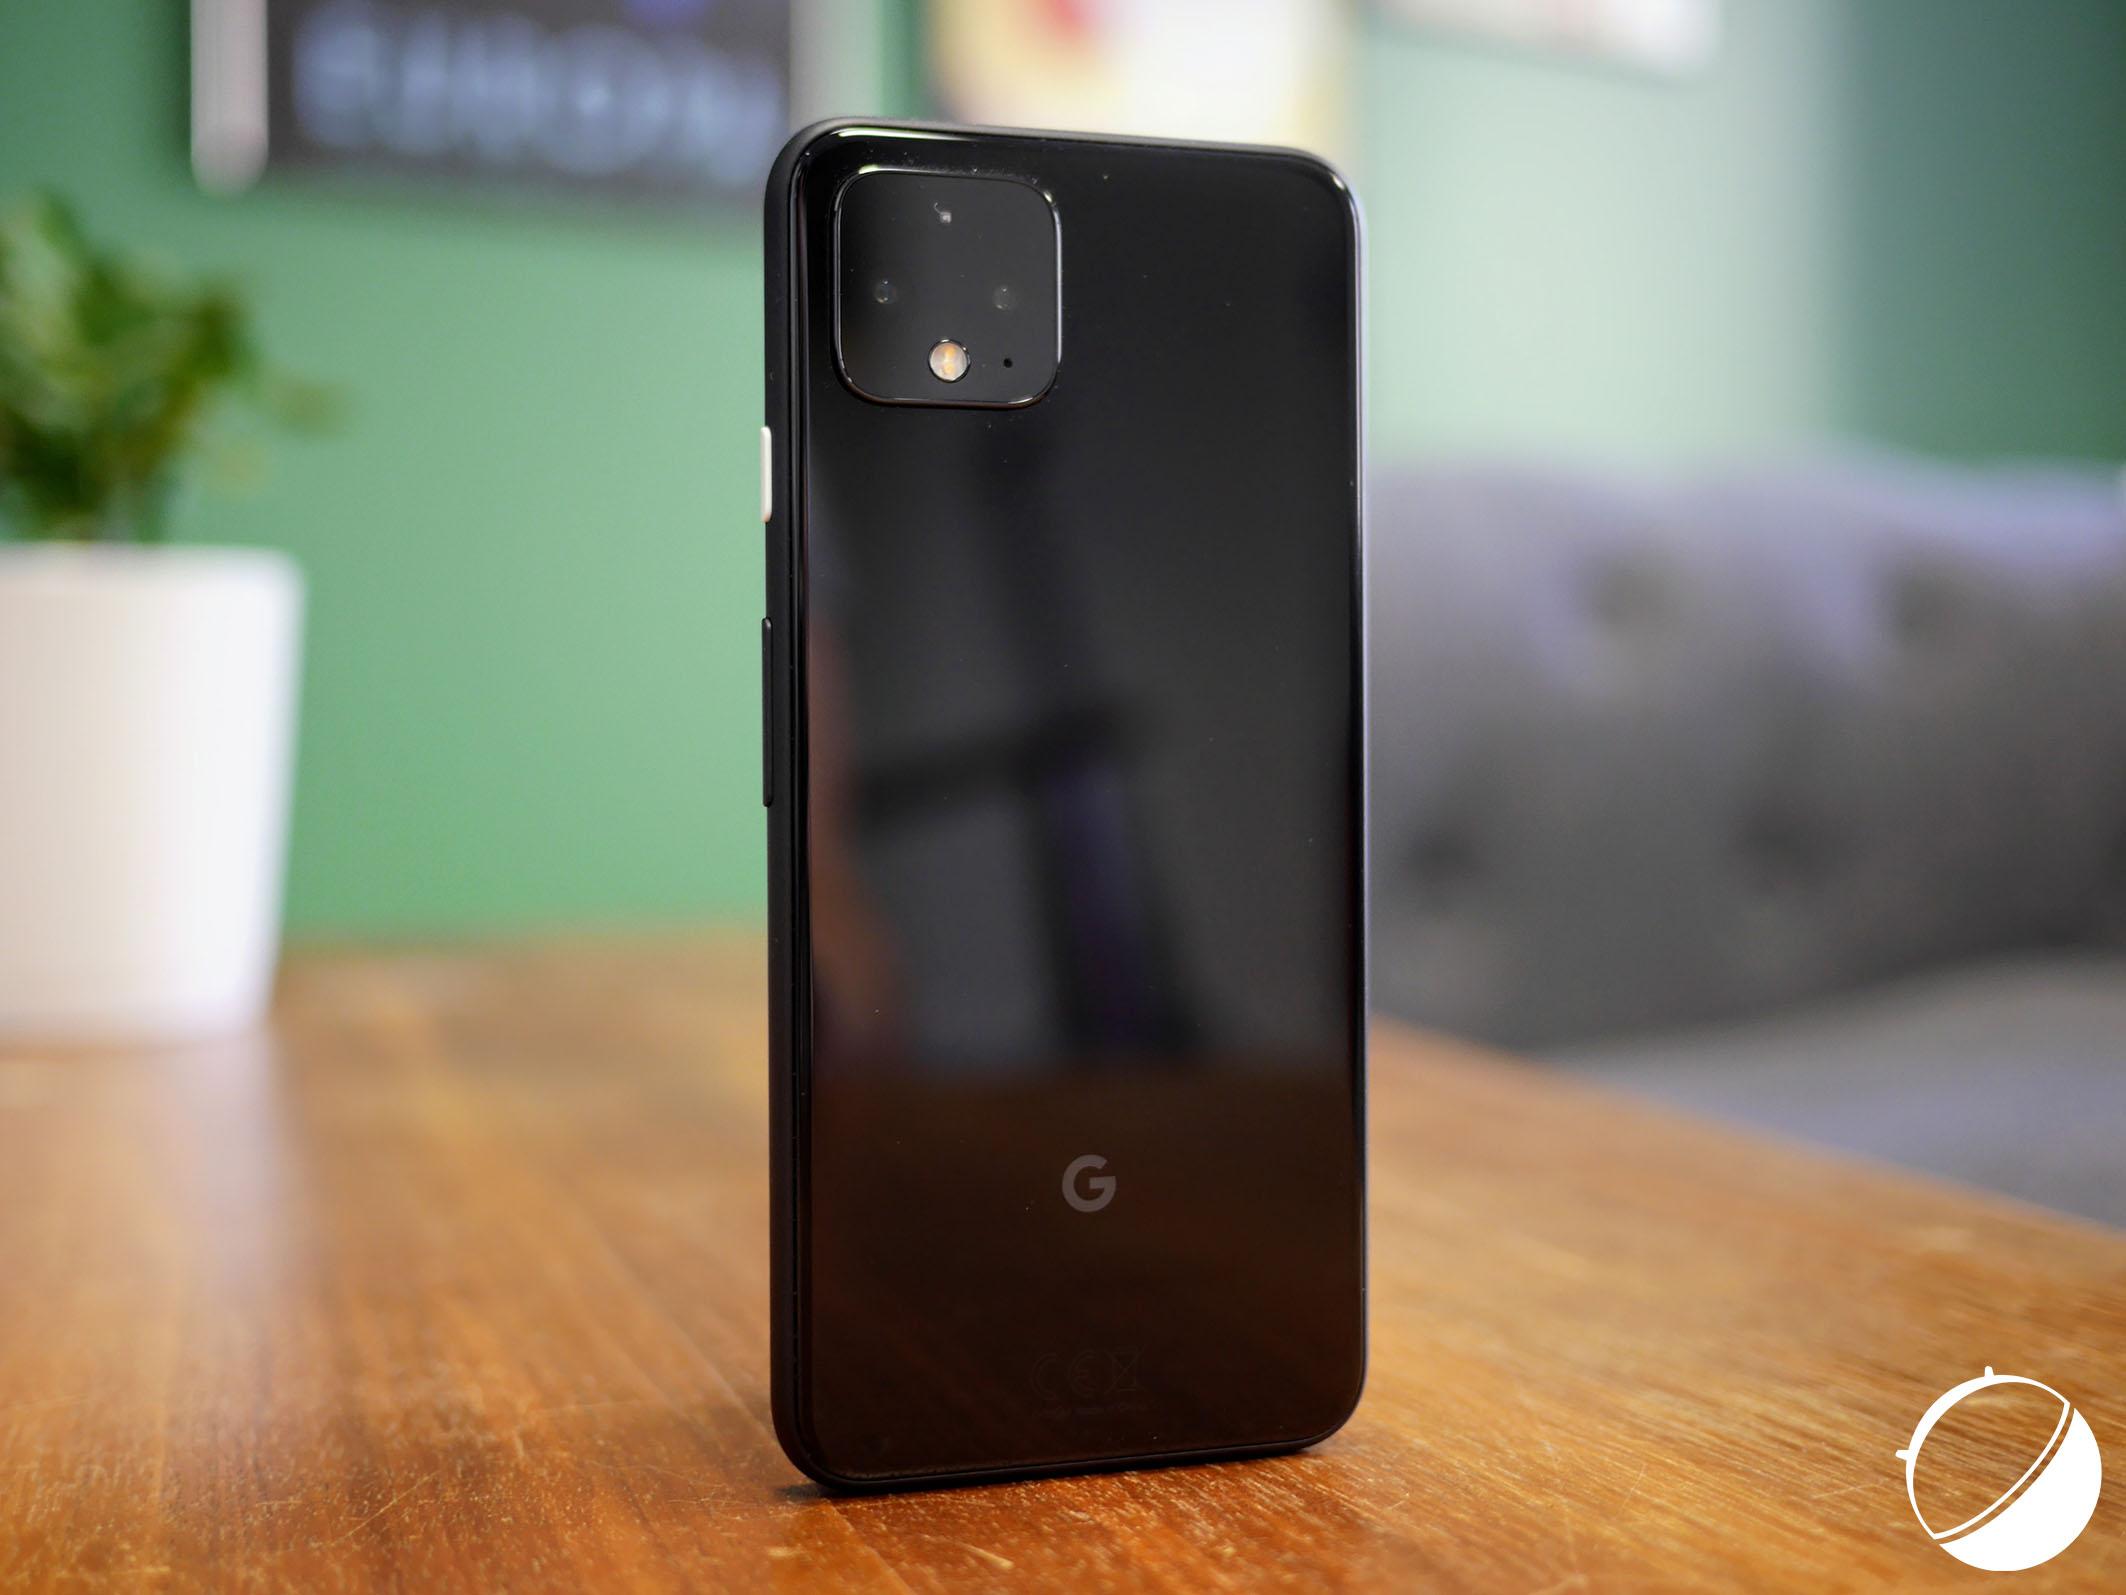 Les Pixel 4 et Pixel 4 XL n'auront vécu que 9 mois au catalogue de Google